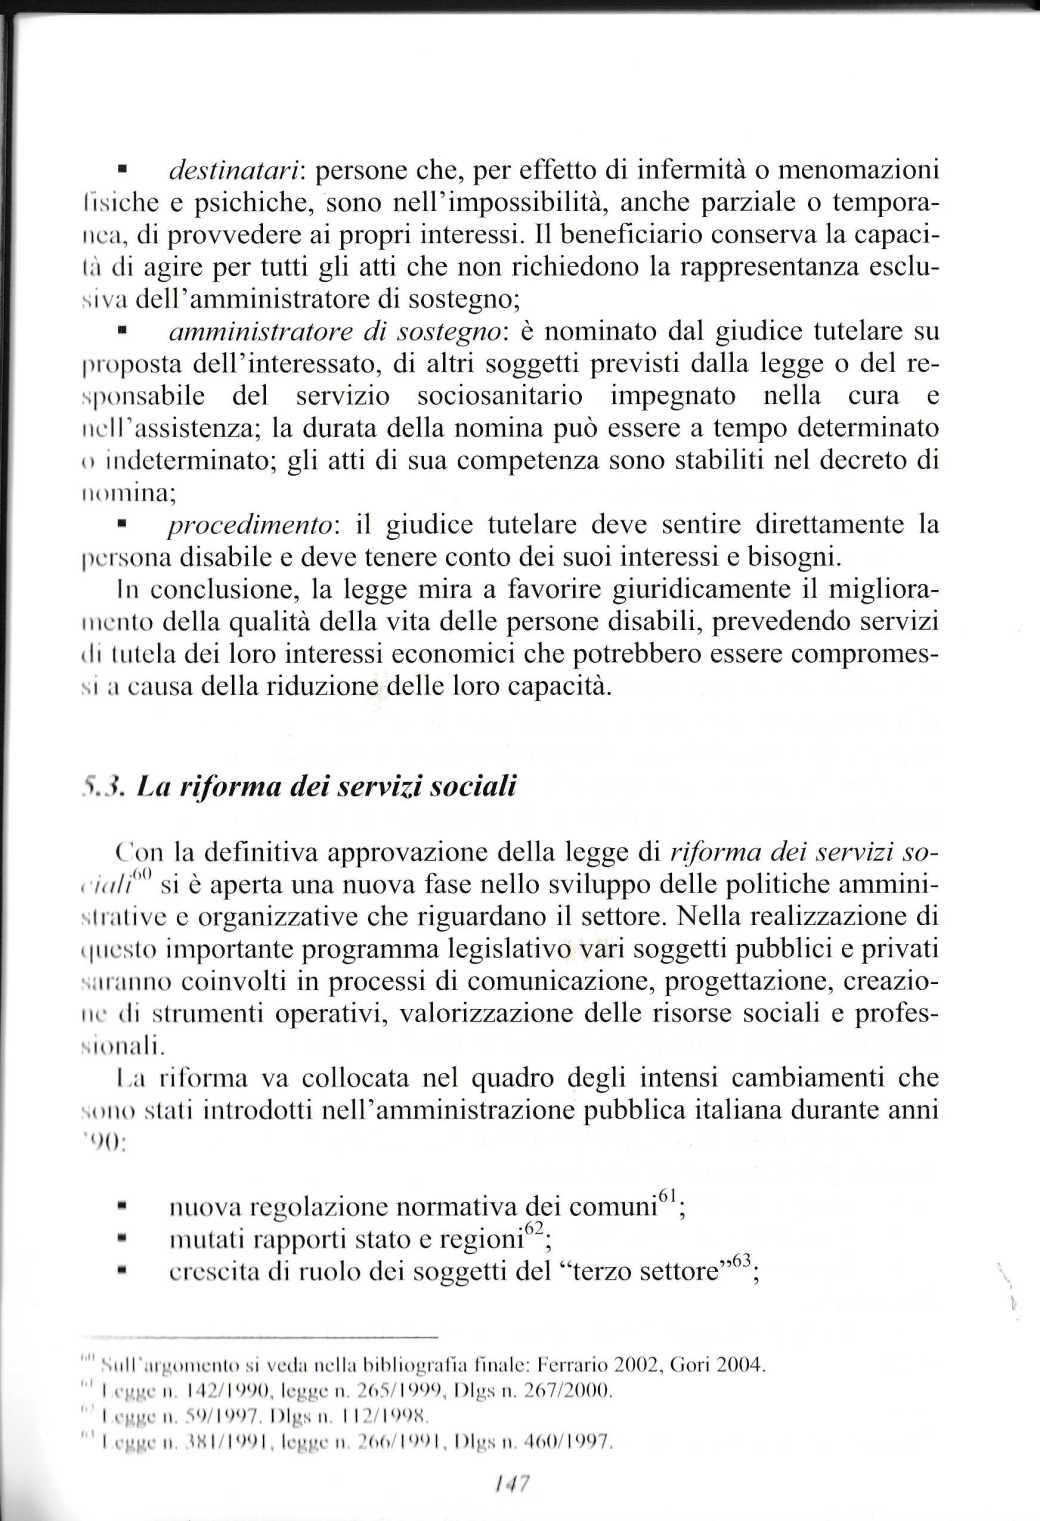 anziani politiche servizi 2005 ferrario paolo1330